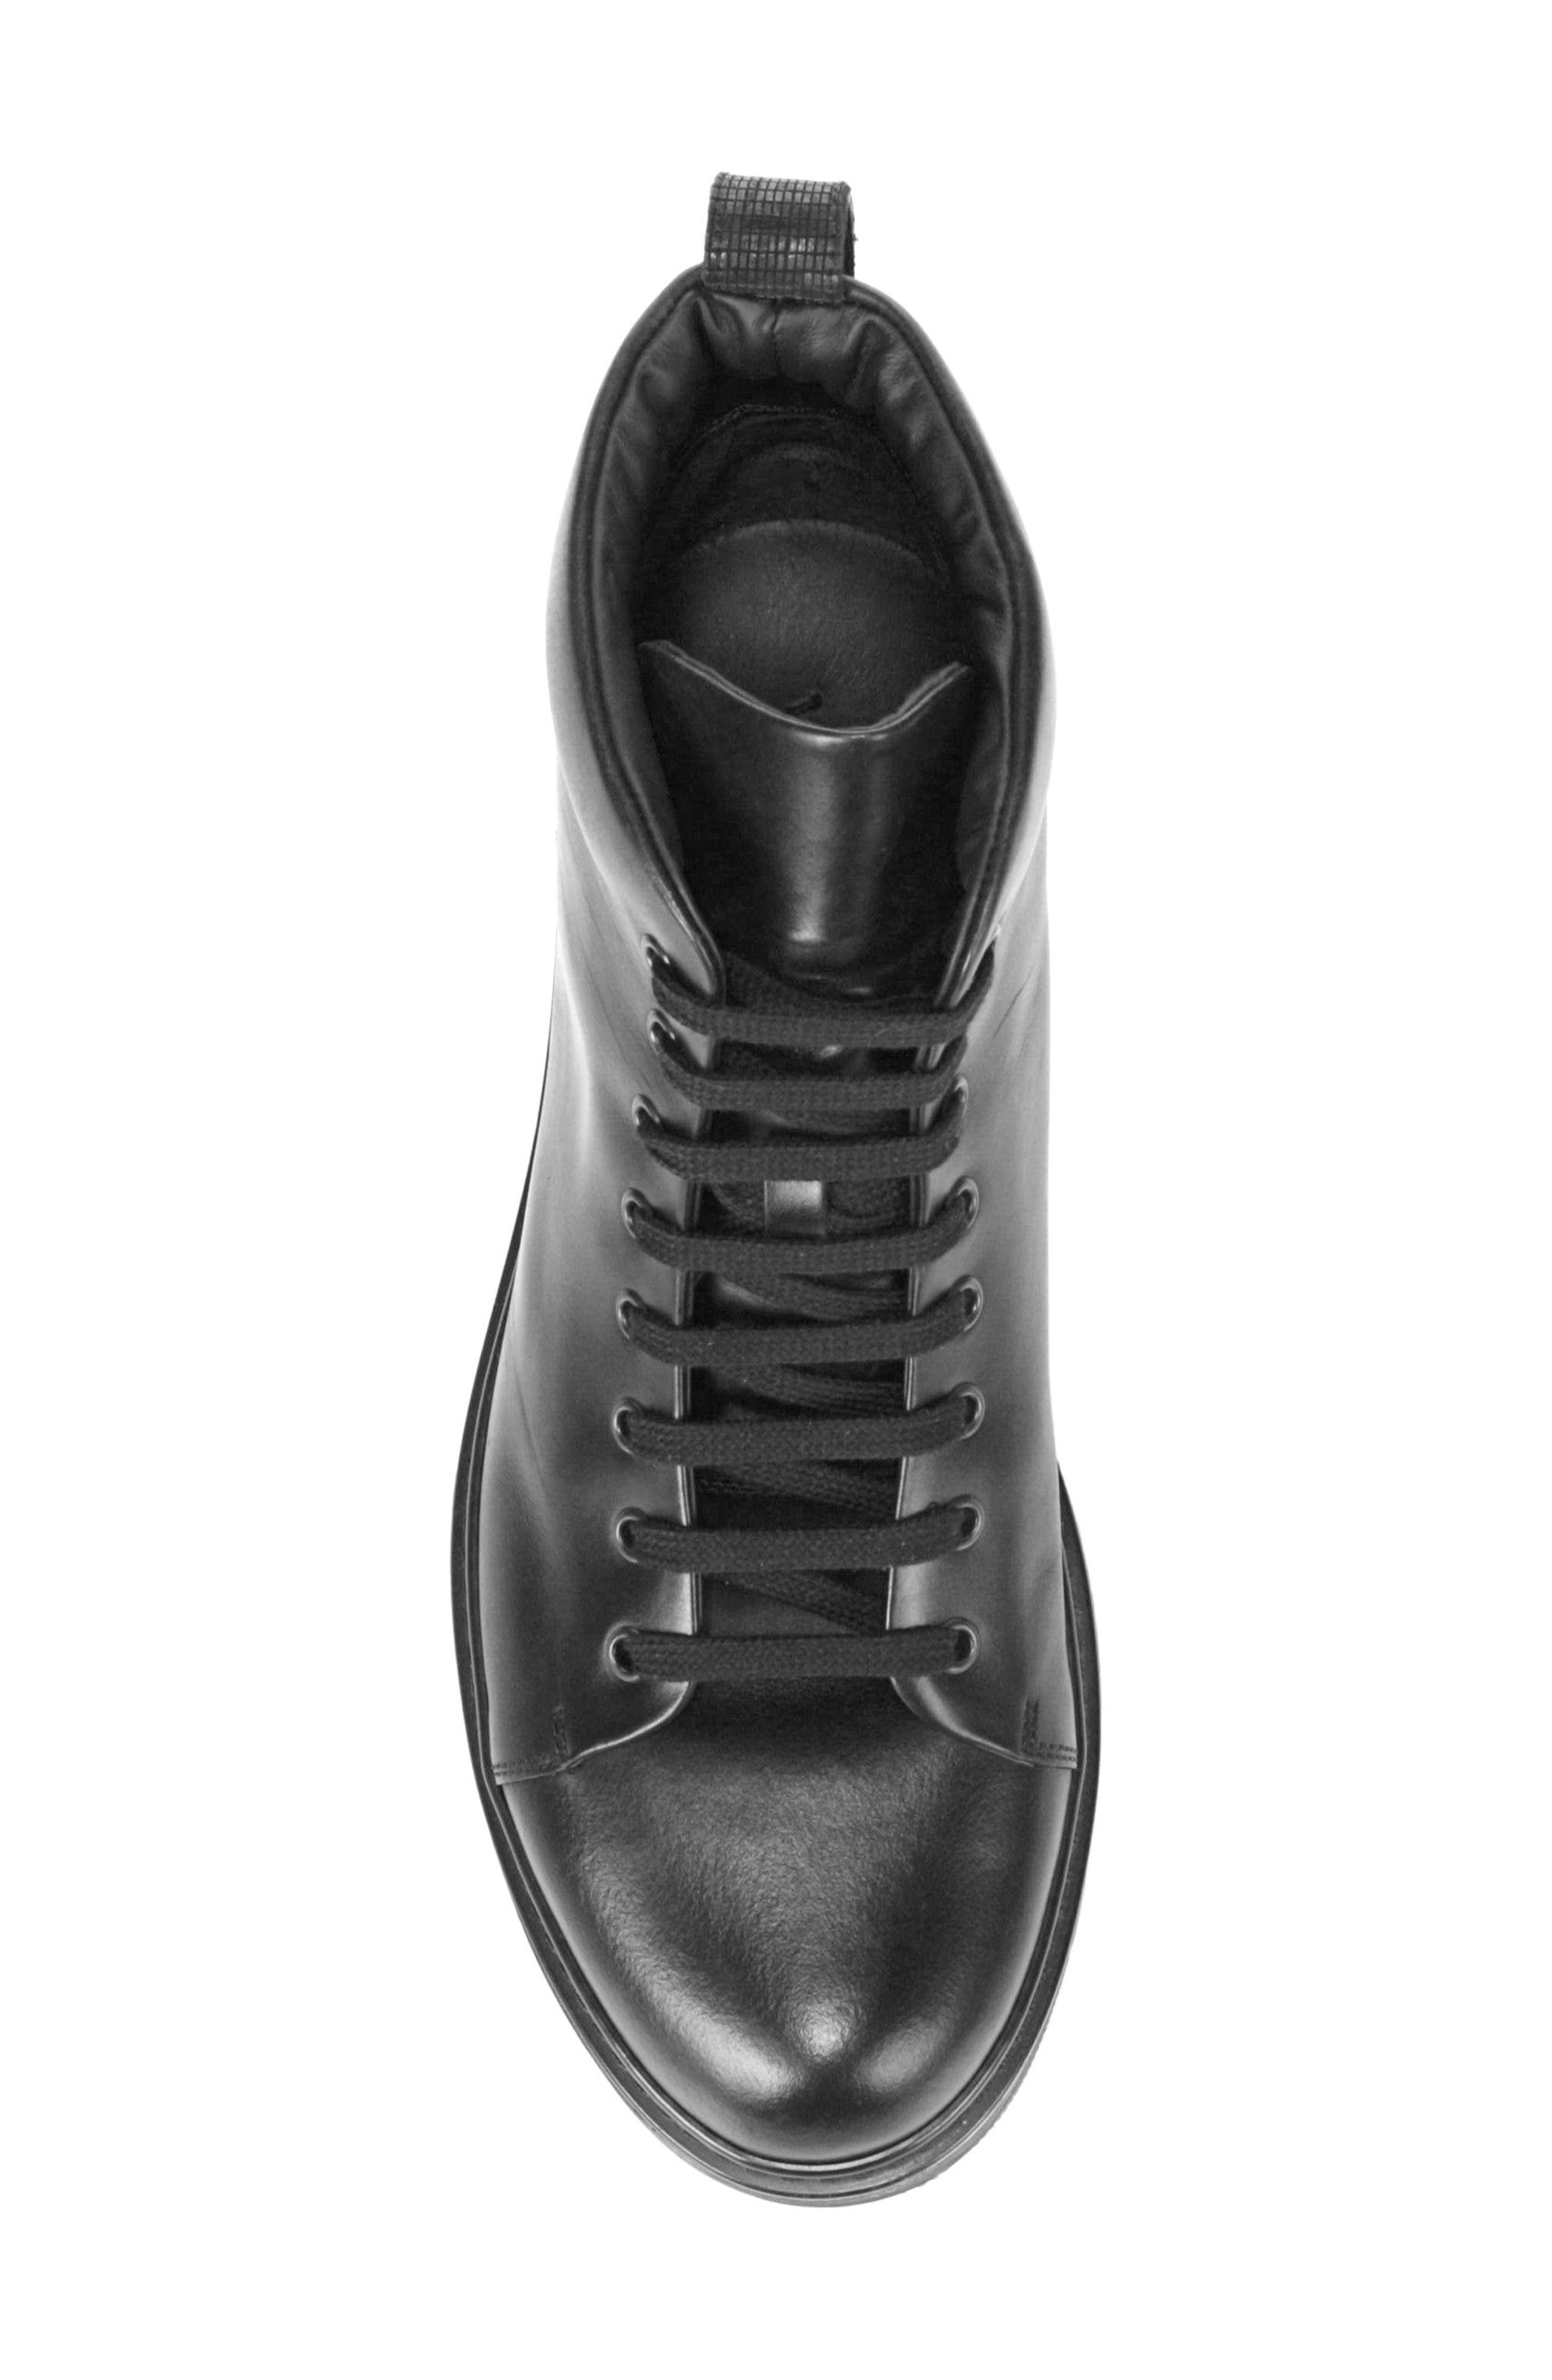 Malone Plain Toe Boot,                             Alternate thumbnail 5, color,                             Black